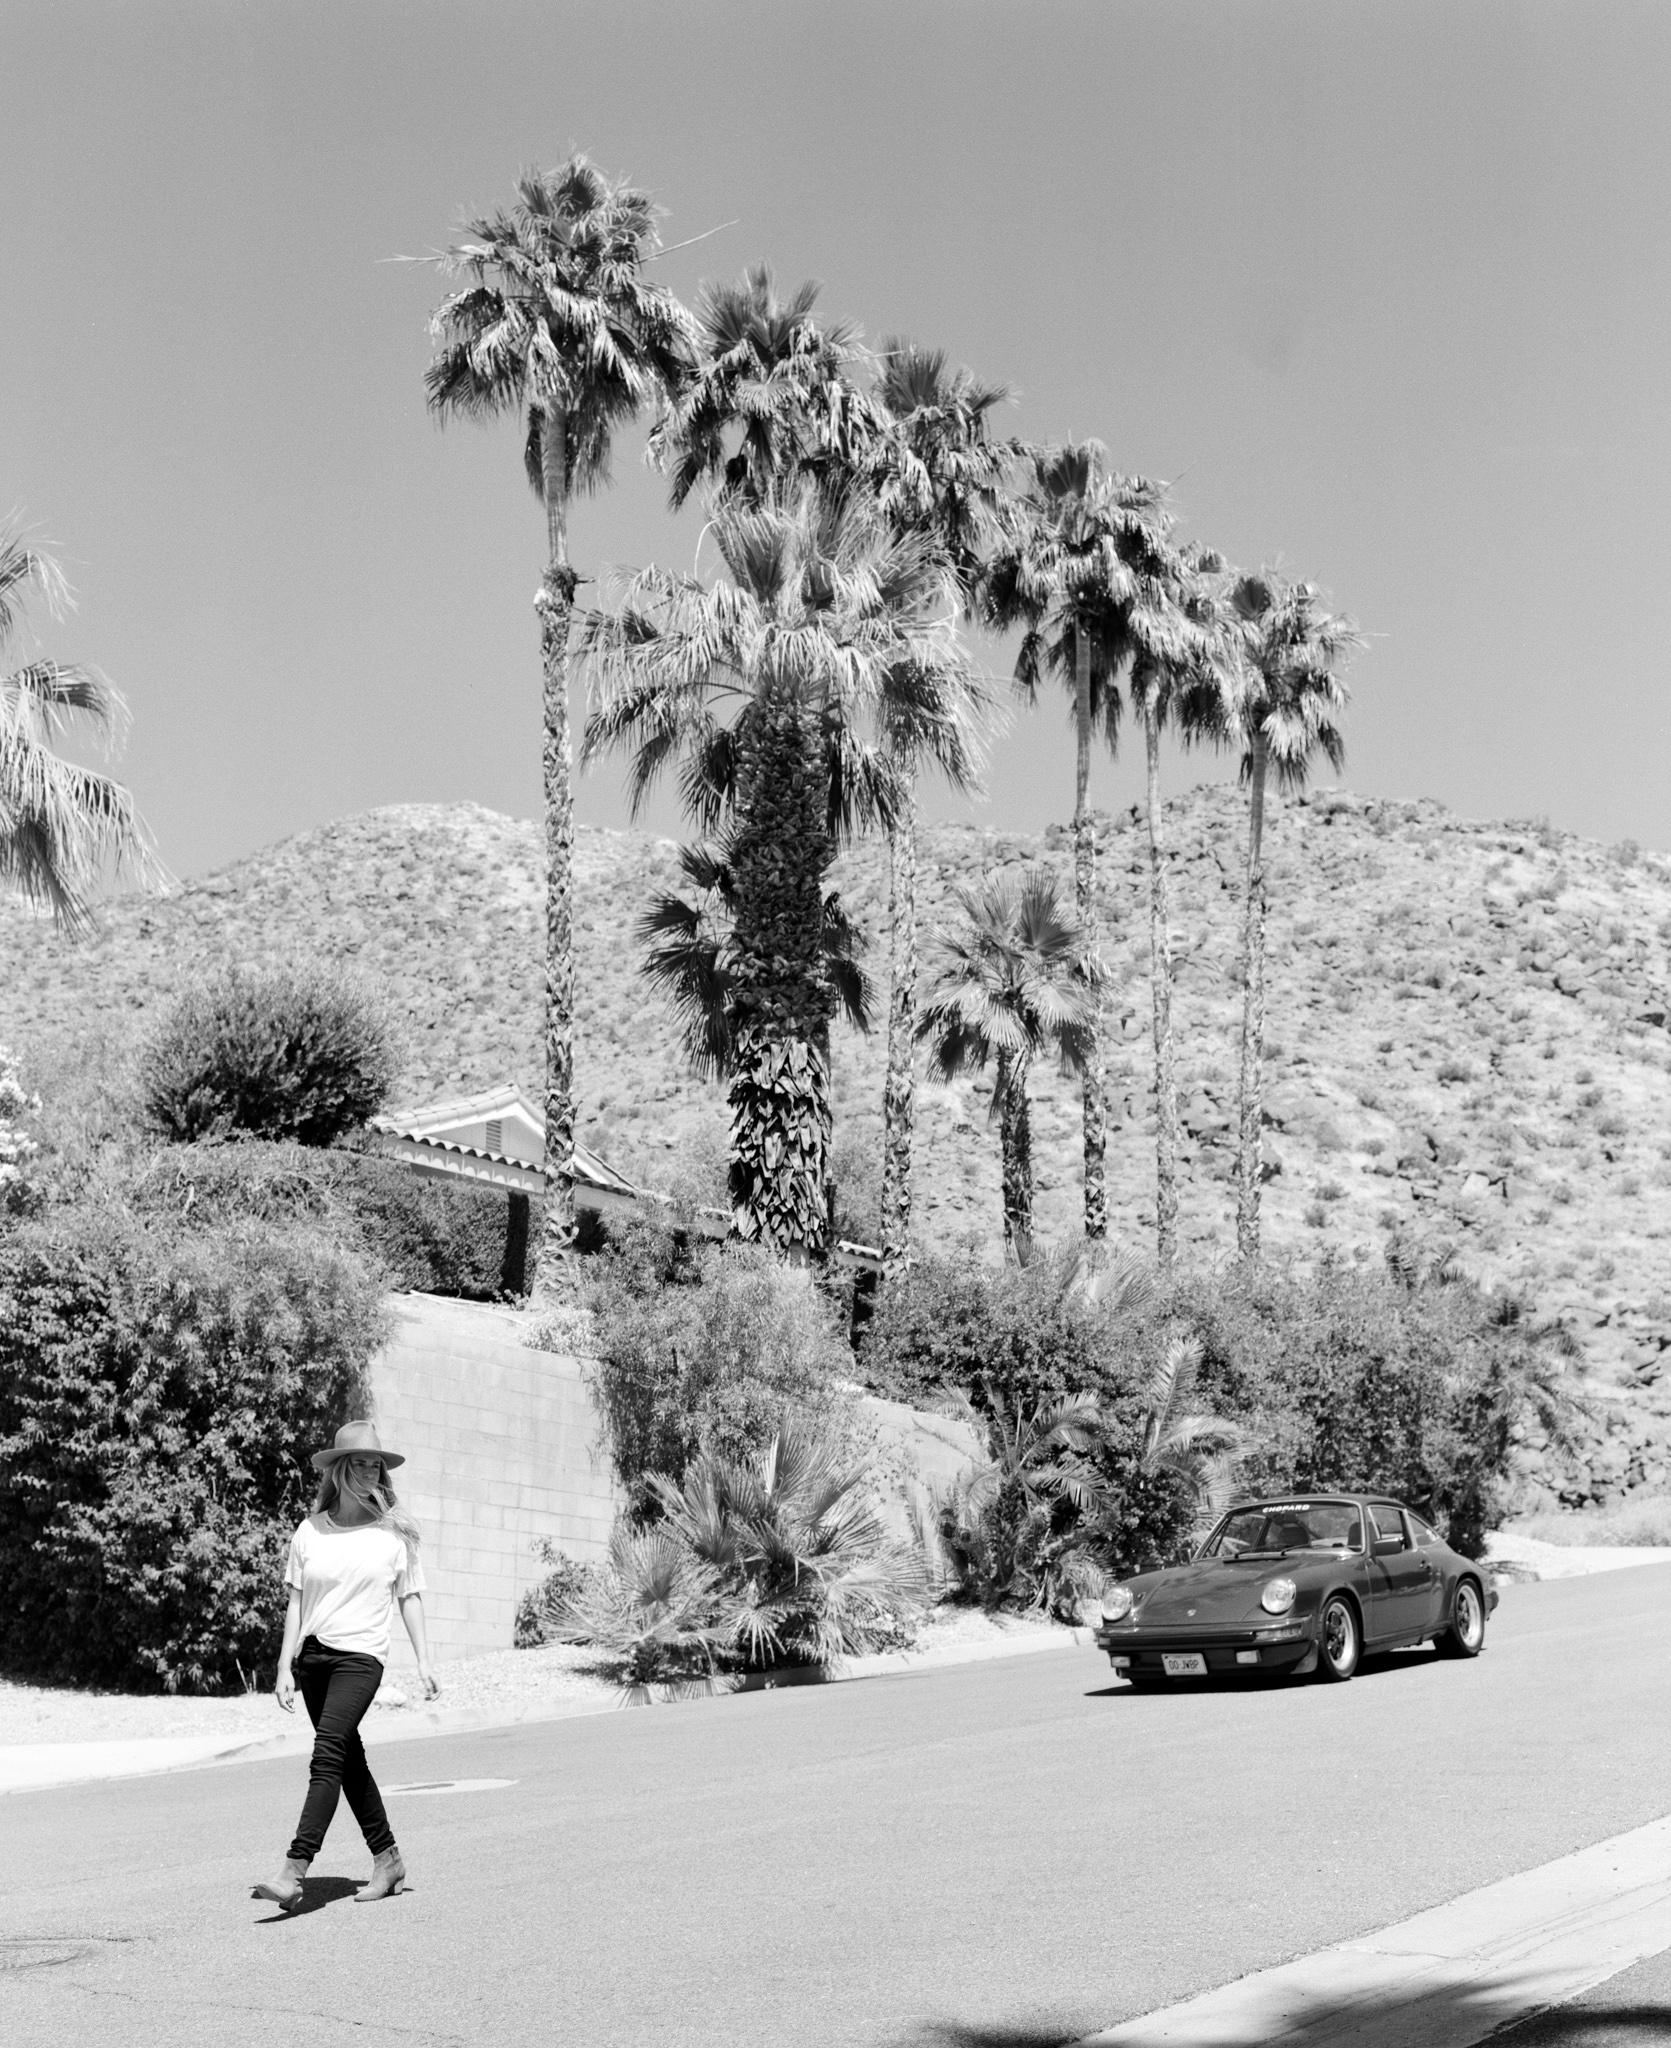 palm springs-6.jpg